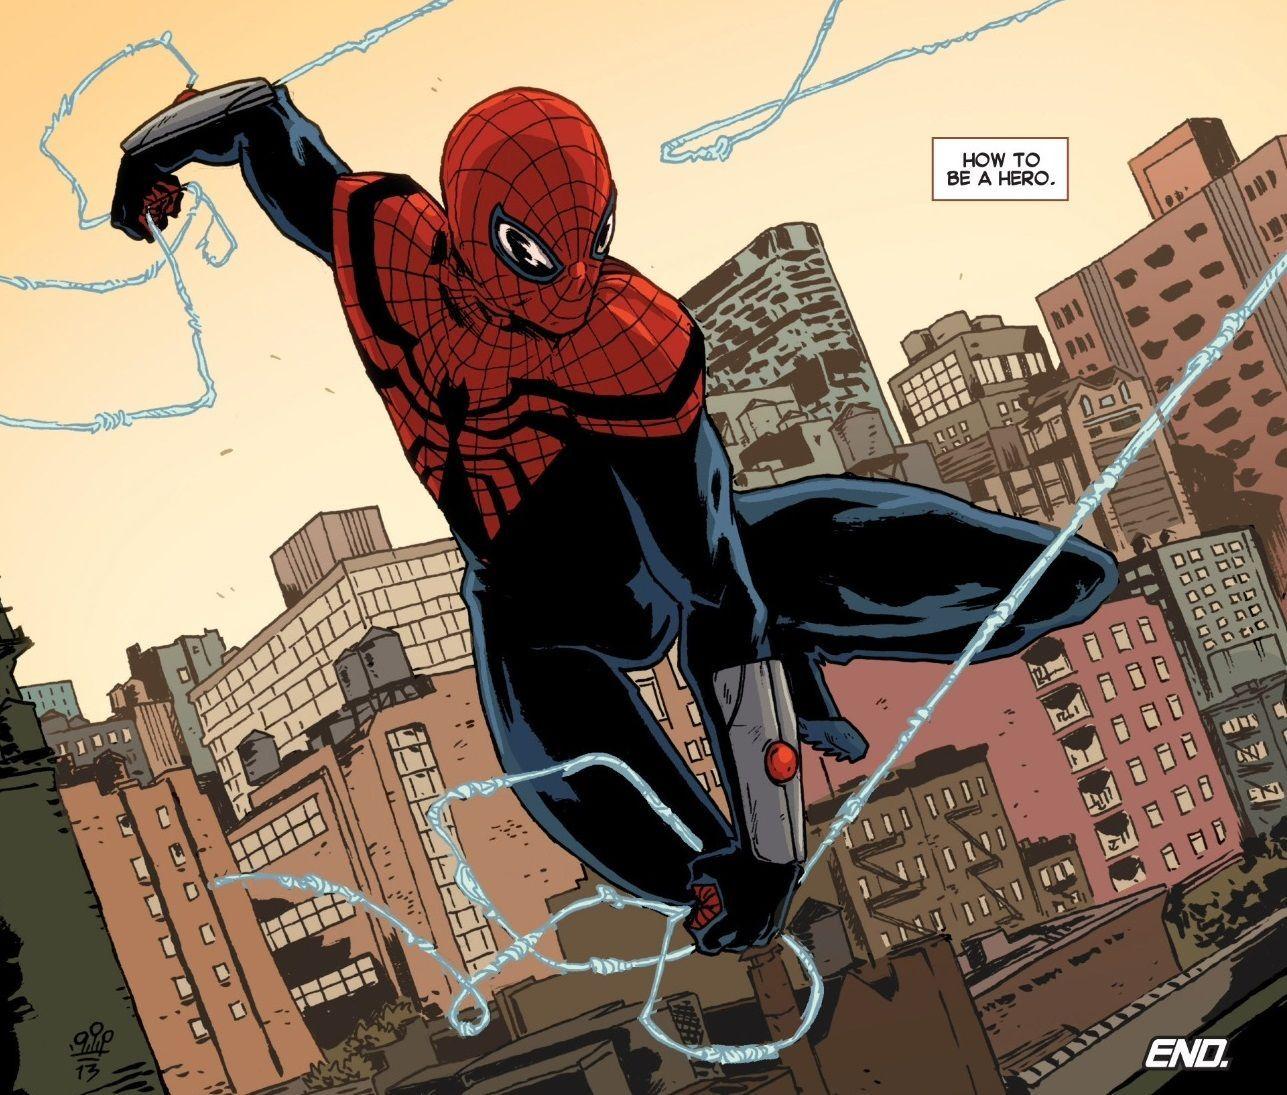 ¿En la colección de superior Spiderman, quién era el que estaba realmente tras la máscara de Spidey?